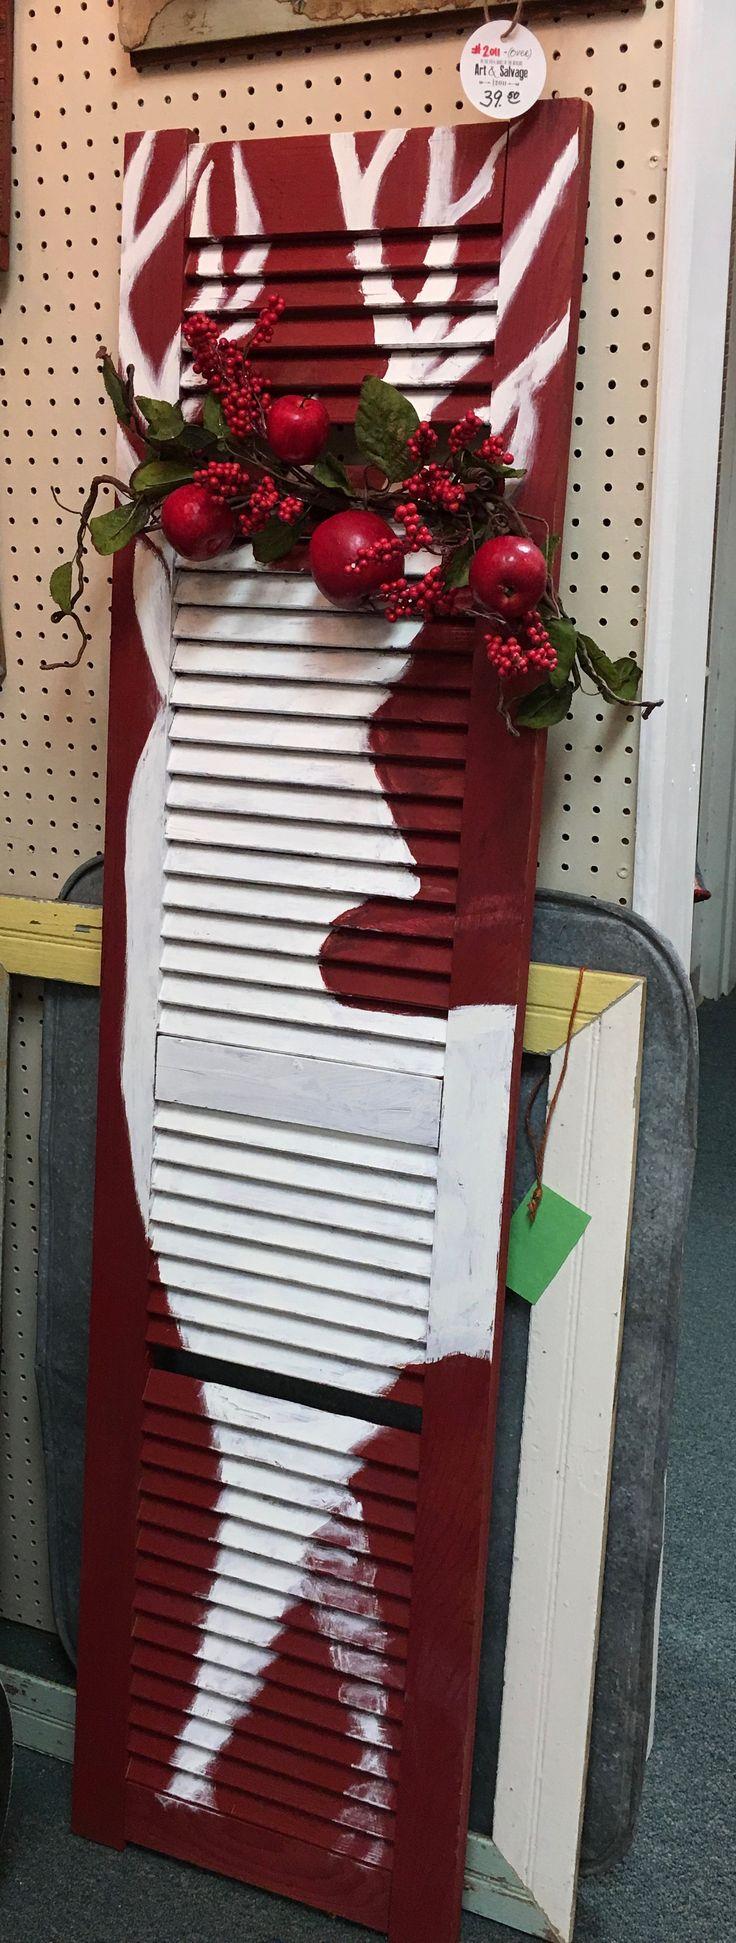 The 25+ best Wooden window shutters ideas on Pinterest ...